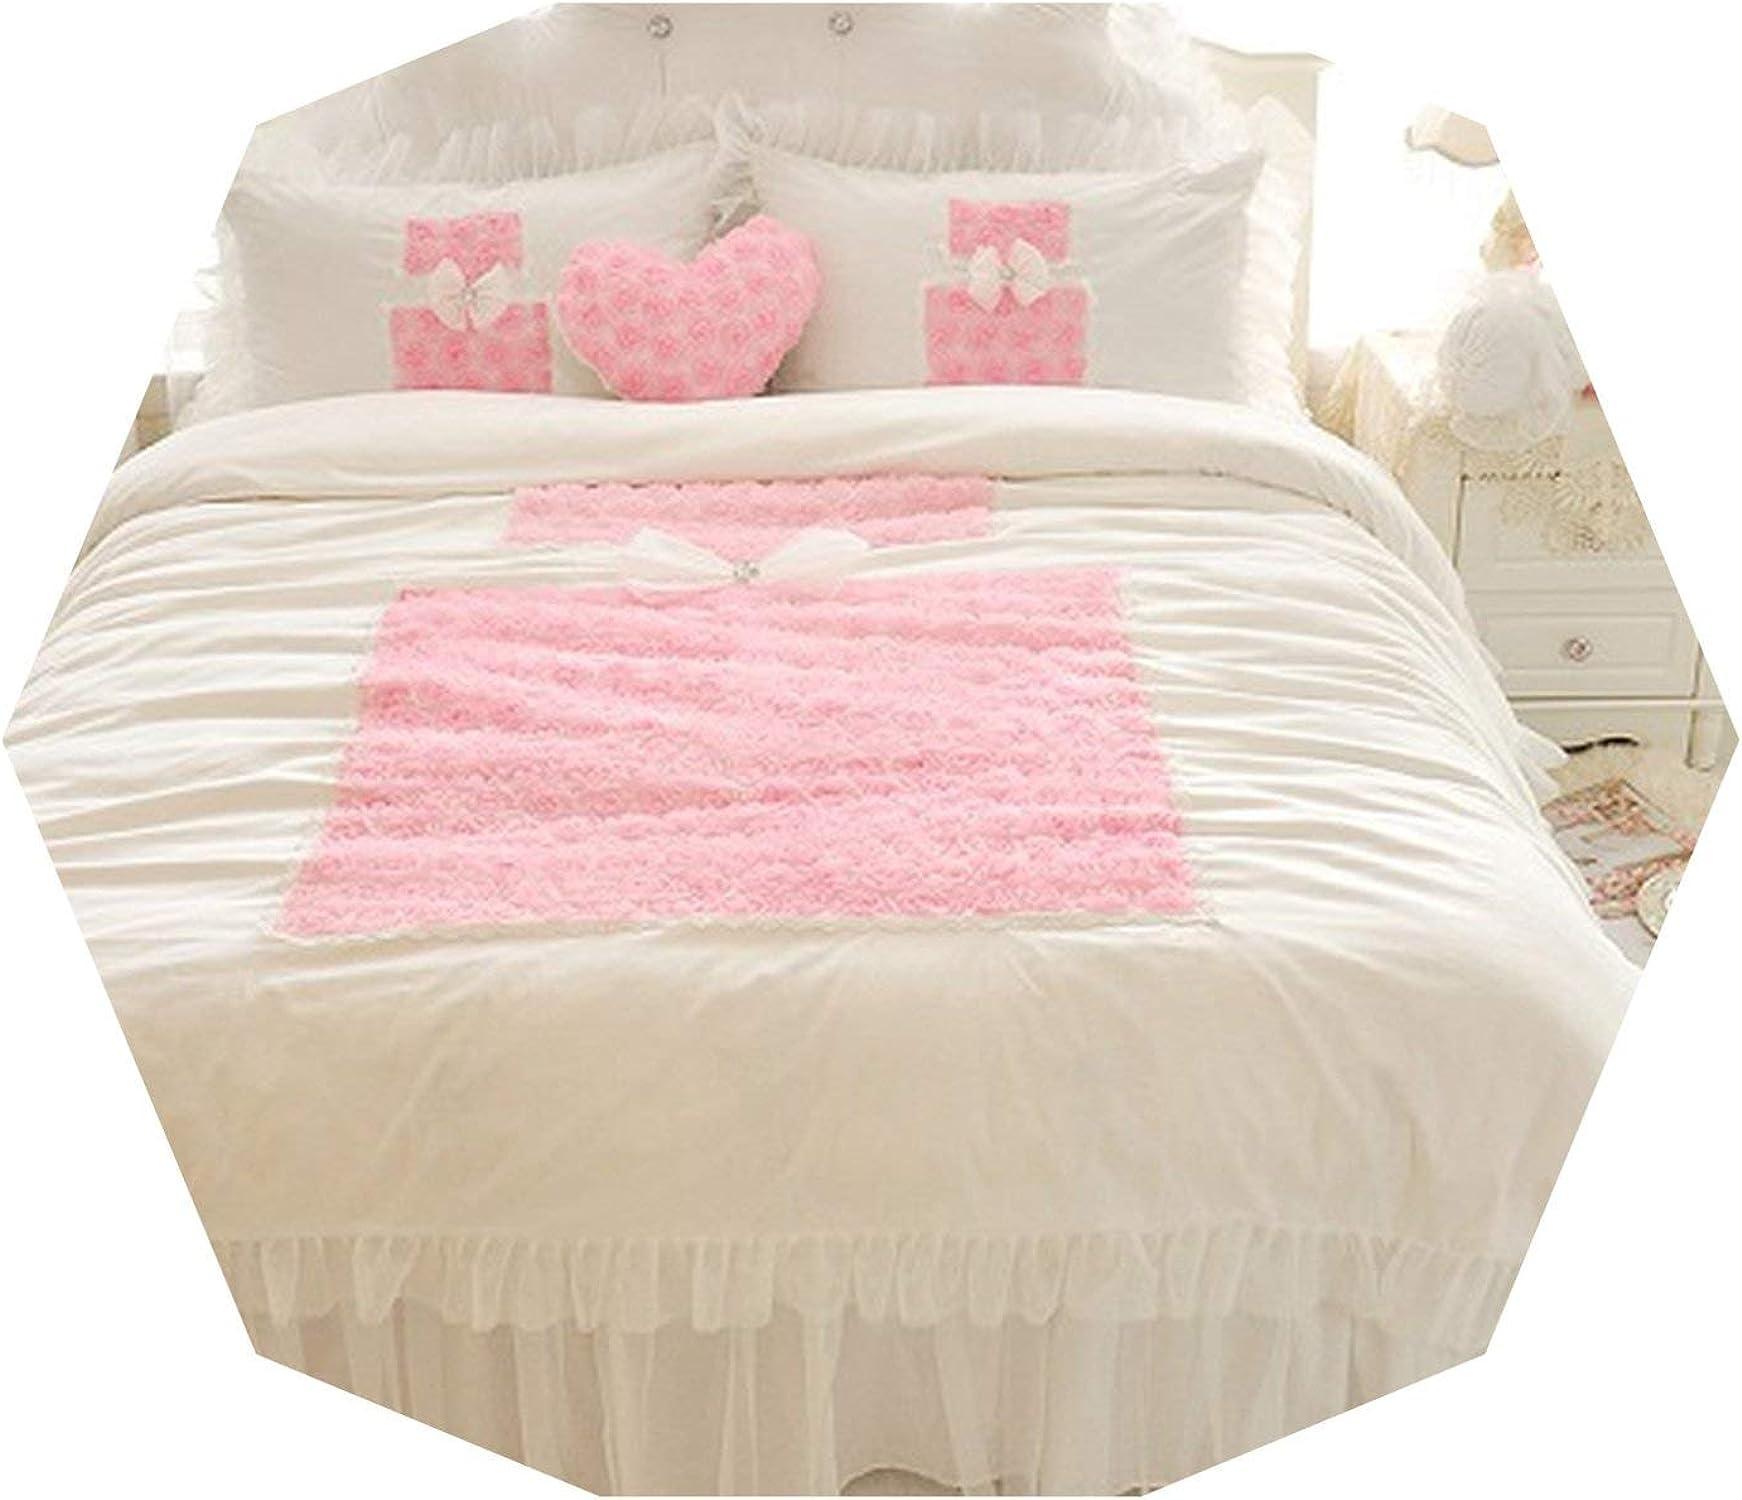 Heat-Tracing-Quilt Cover Housse de Couette avec Housse de Couette et taies d'oreiller en Dentelle de Coton Blanc Rose, Queen Taille 4pcs, 1